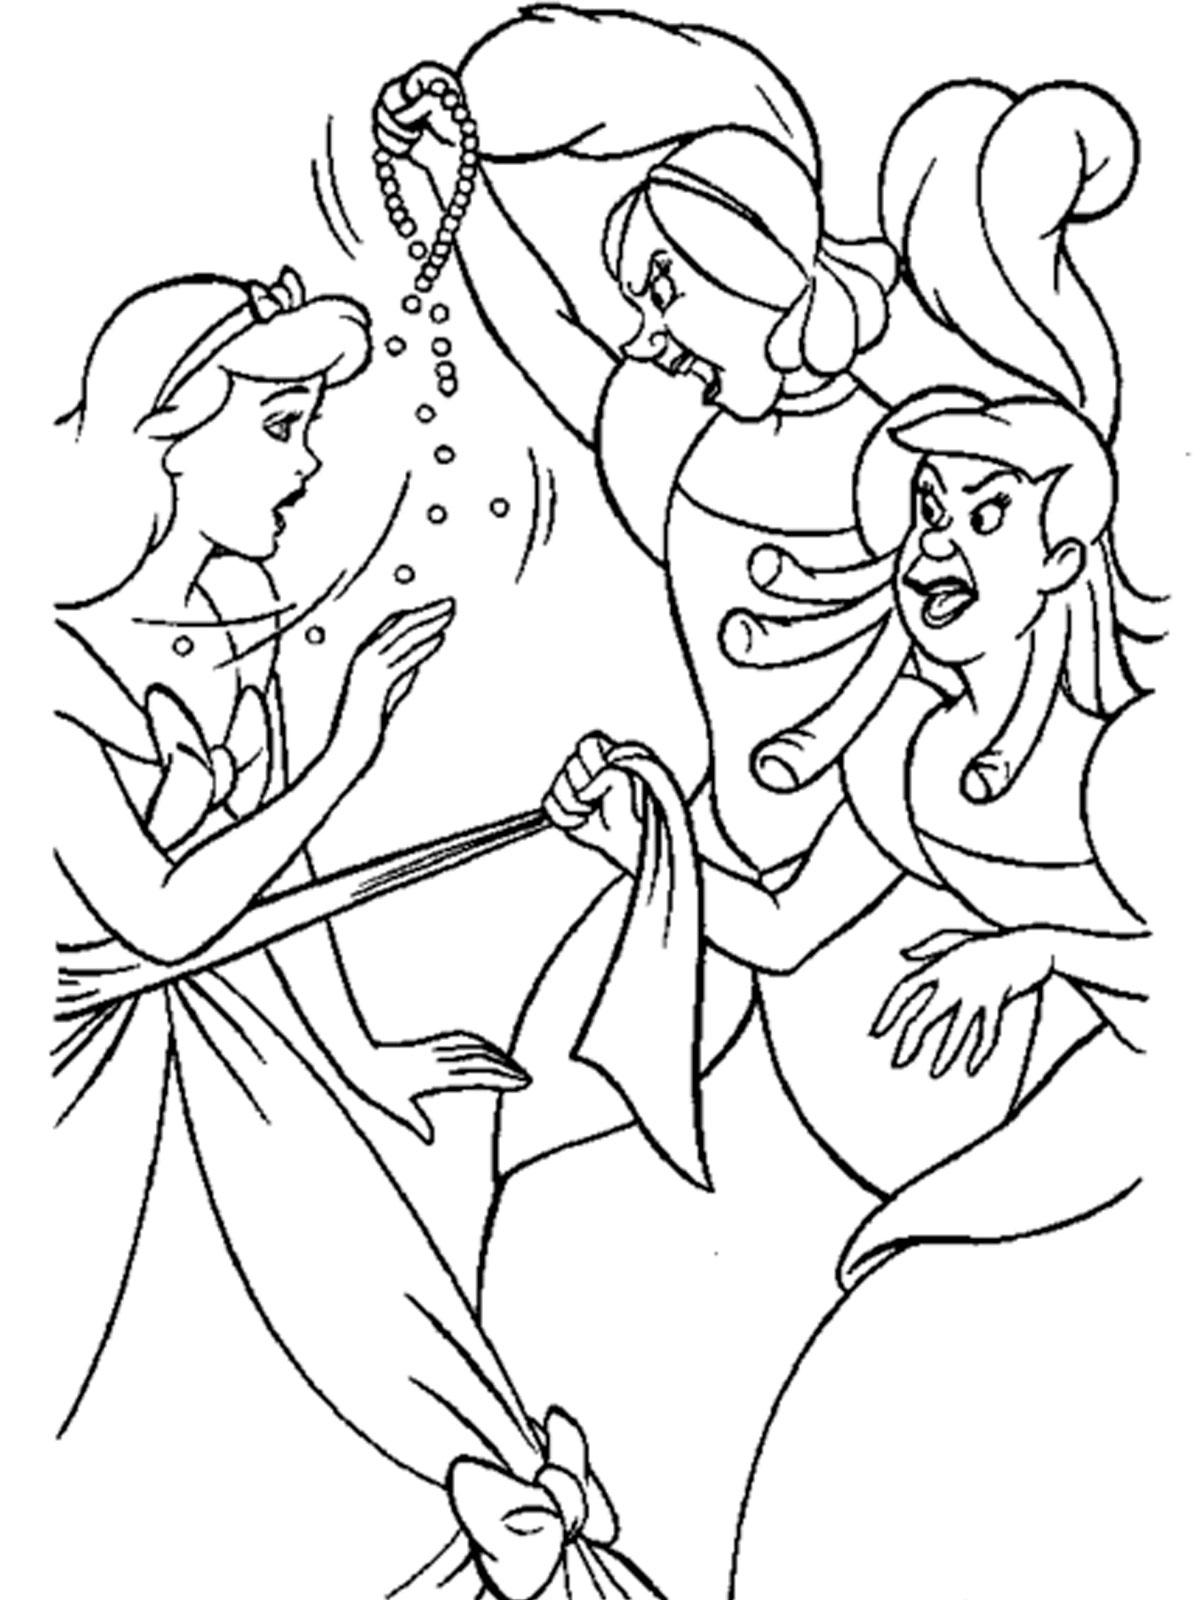 Раскраска для девочек пони раскрашивать